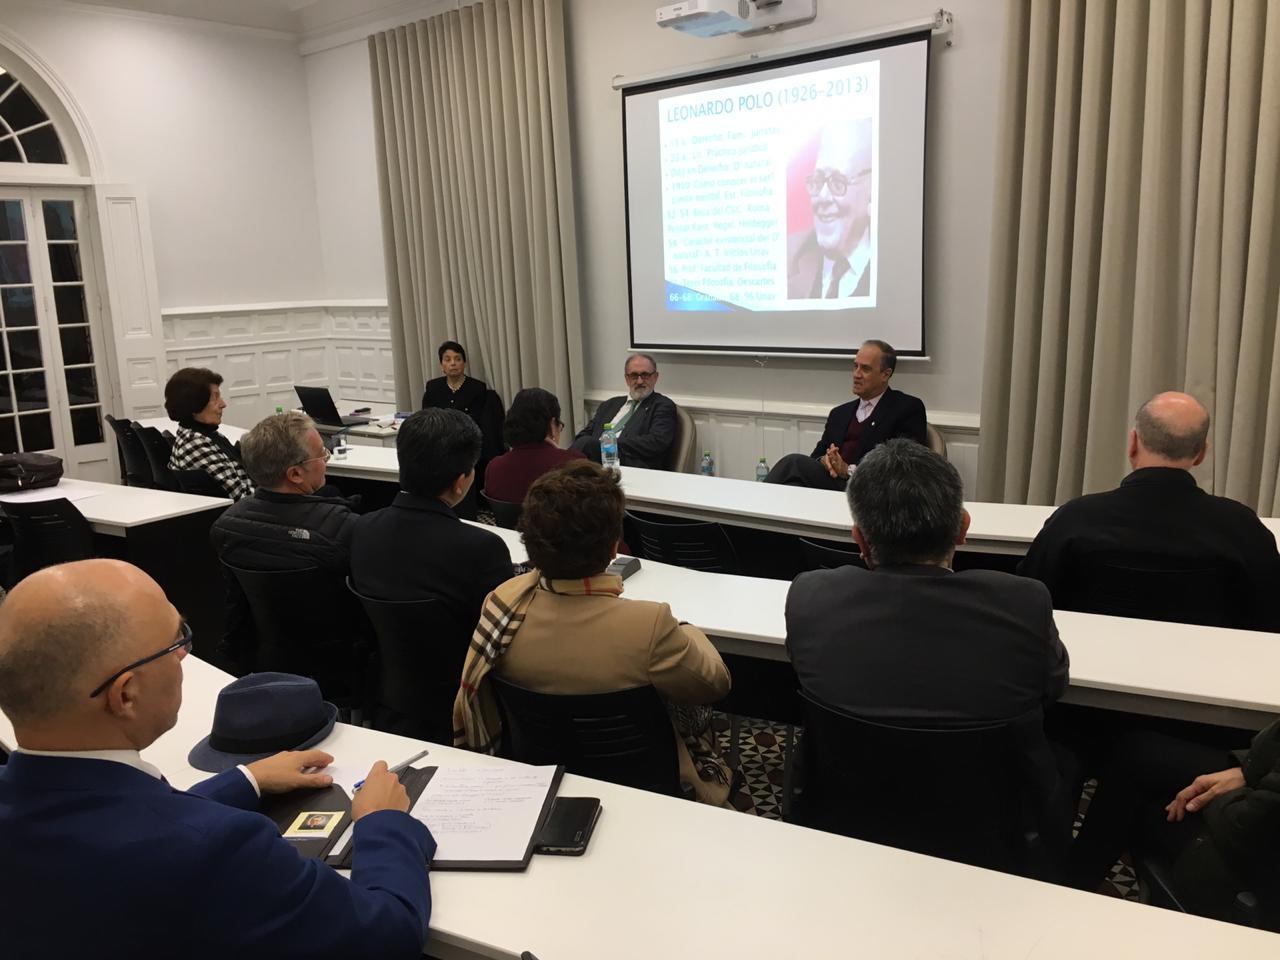 Universidad de Piura, campus Lima:  Presentación de la edición de las Obras completas de Polo.